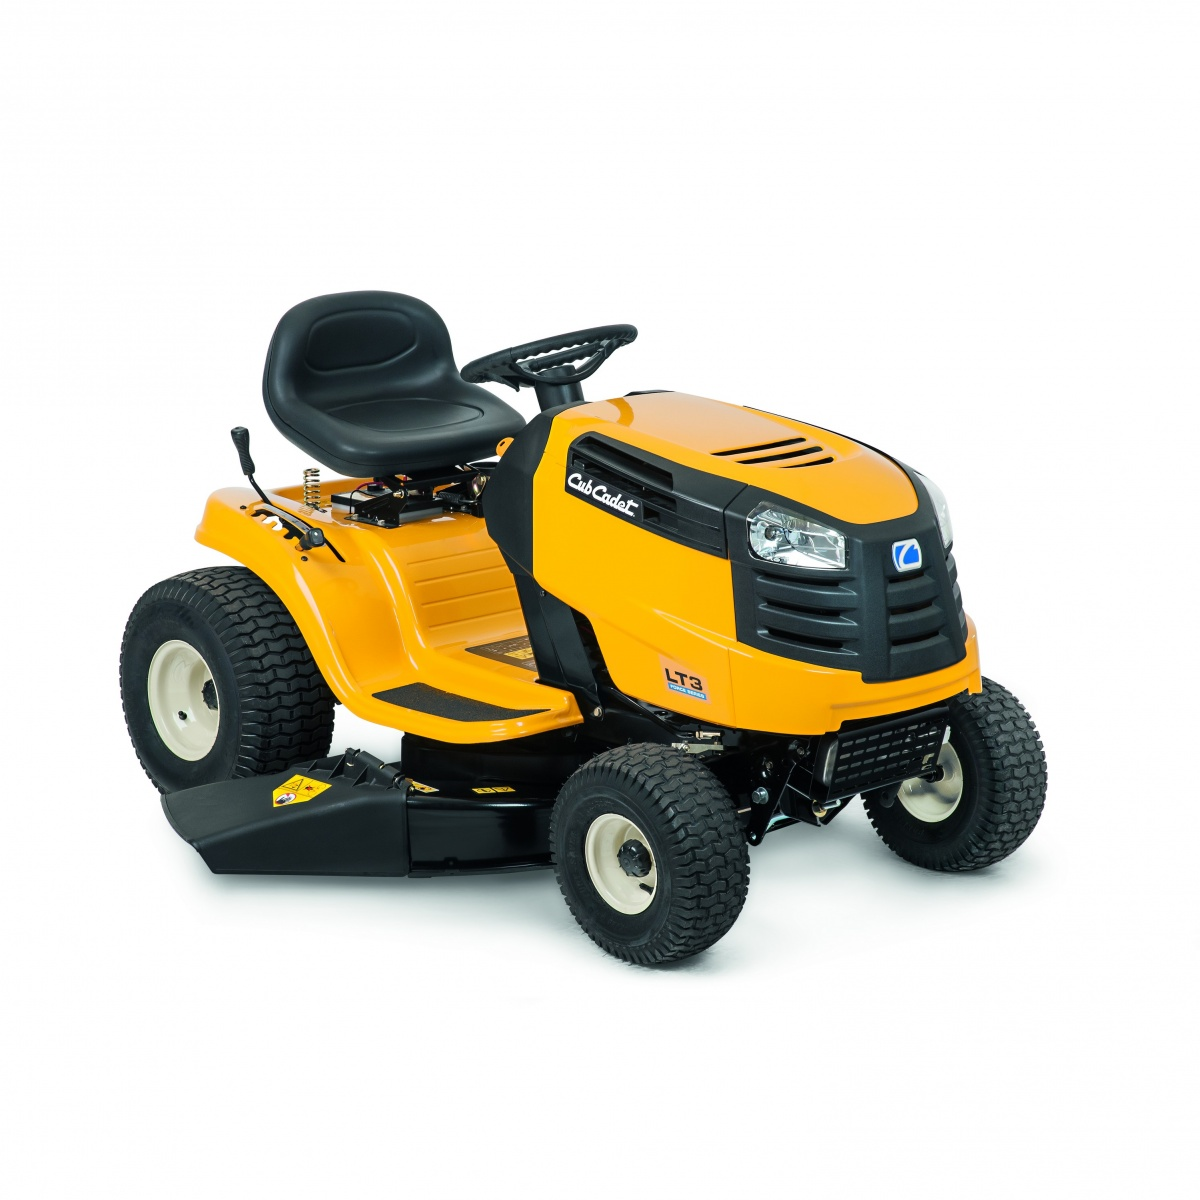 Cub-Cadet LT3 PS107 - travní traktor s bočním výhozem + DÁREK